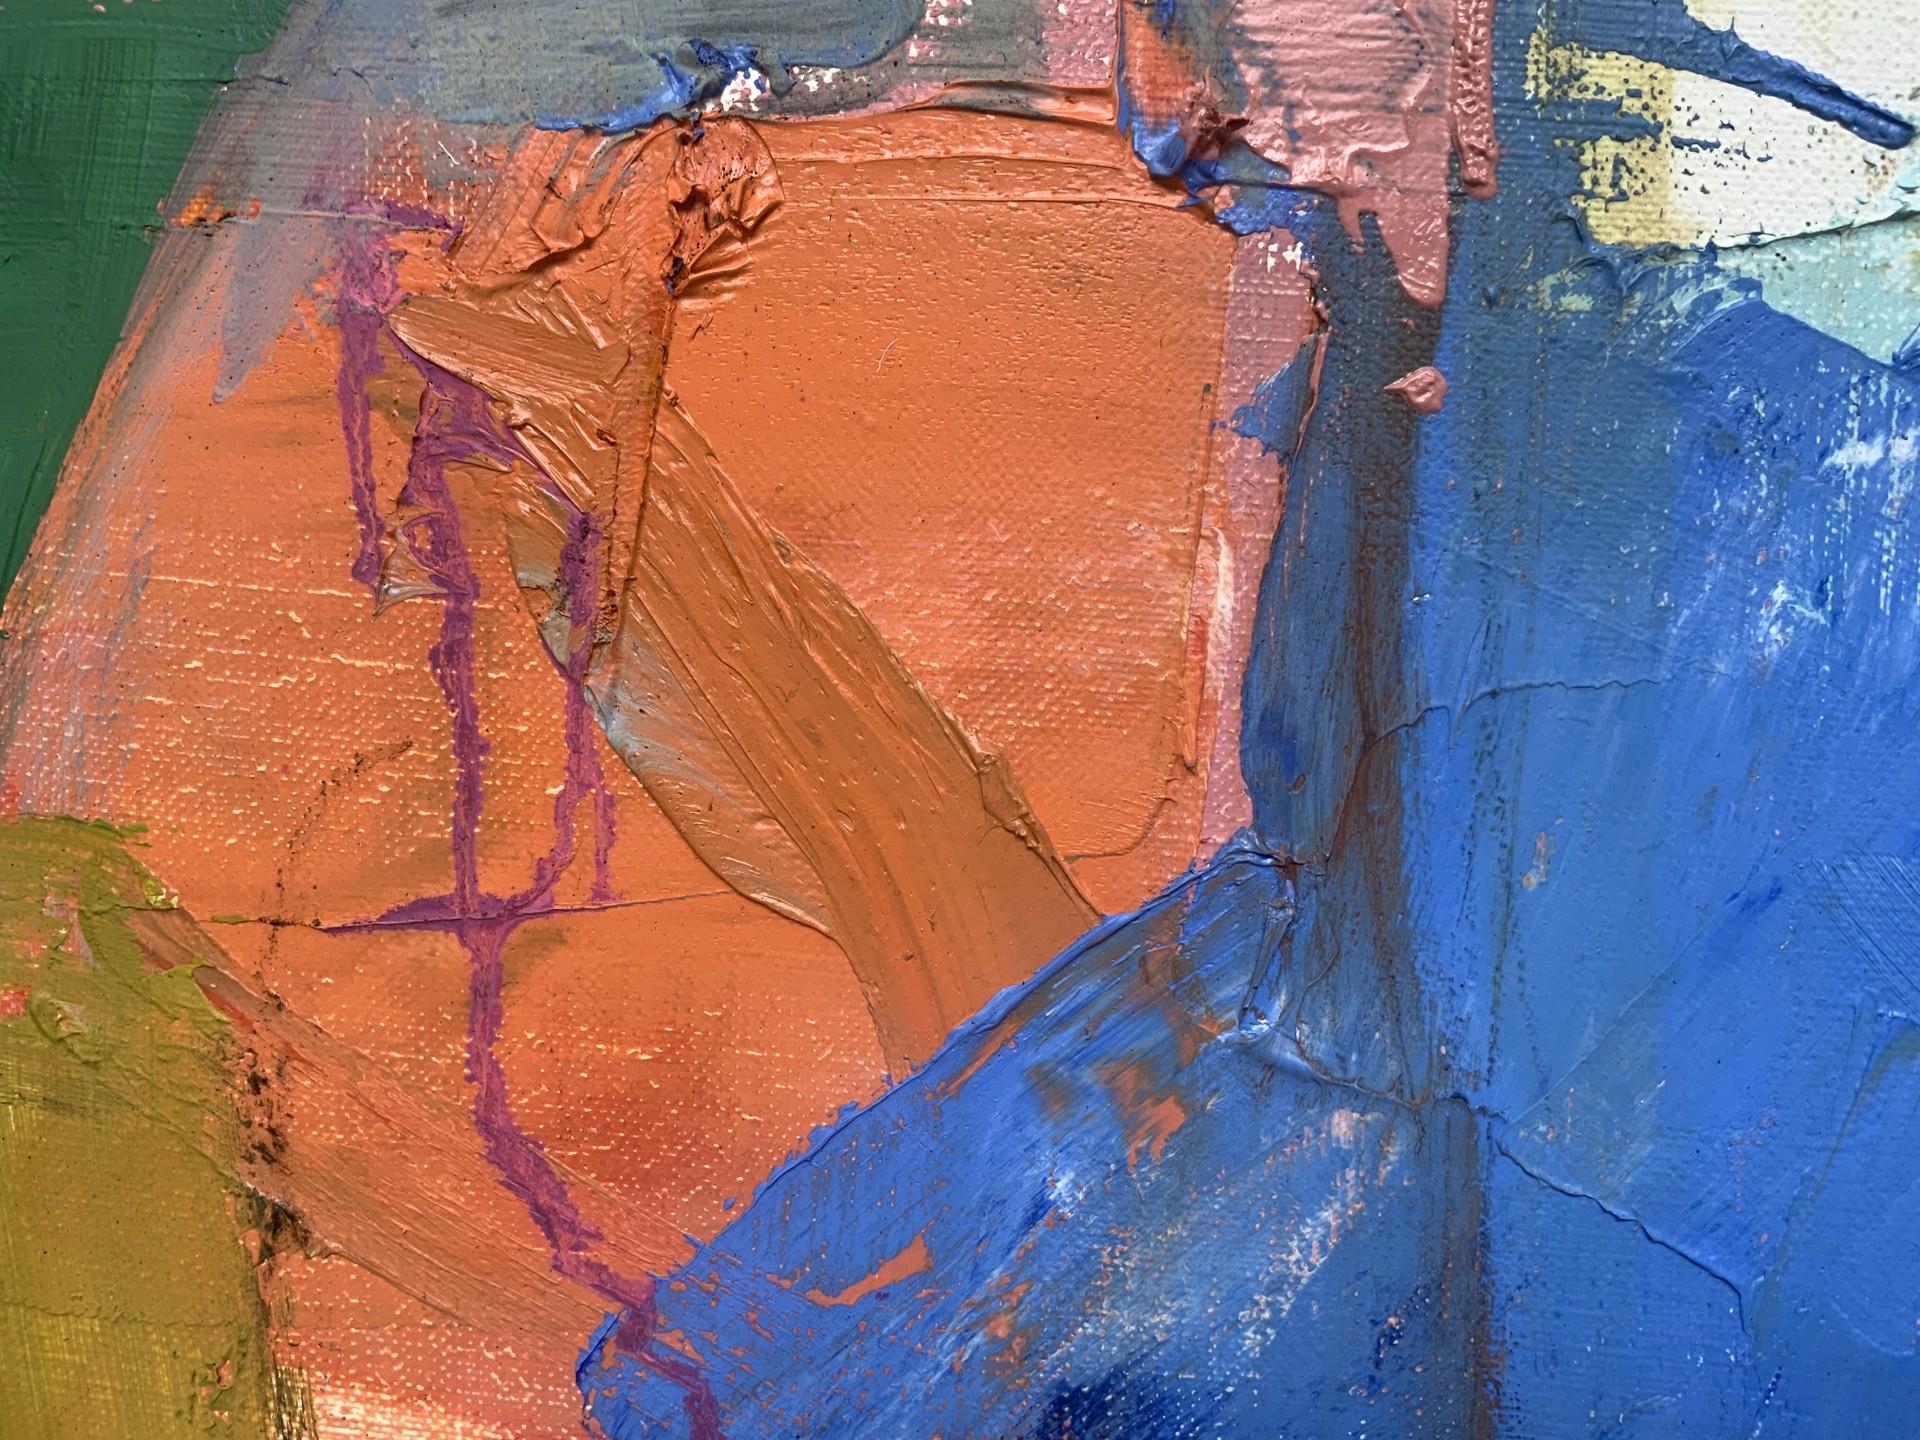 Earth N Vessels III by stevenpage prewitt